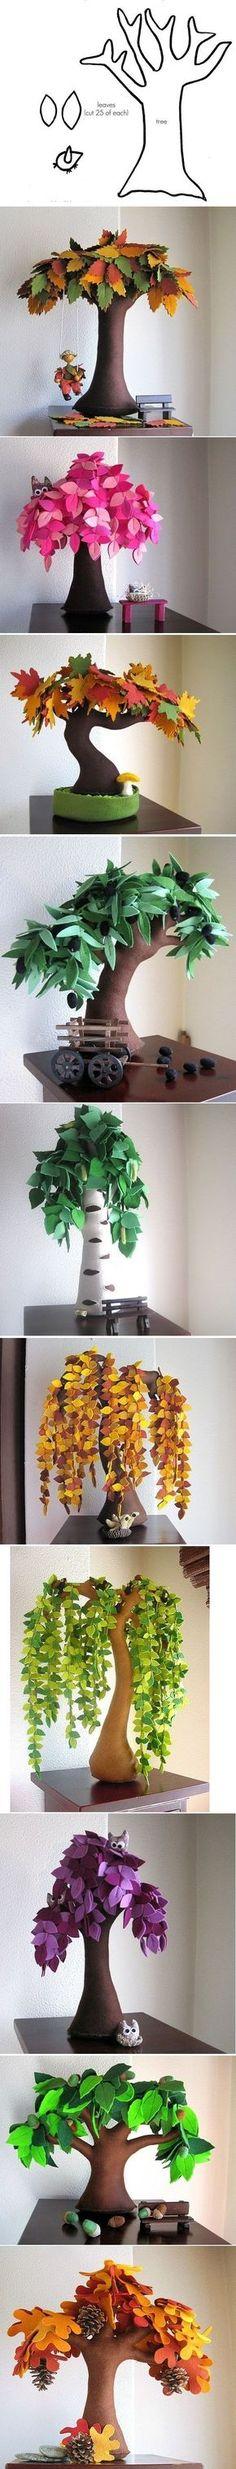 Plantilla e ideas para hacer árboles de fieltro                              …                                                                                                                                                                                 Más